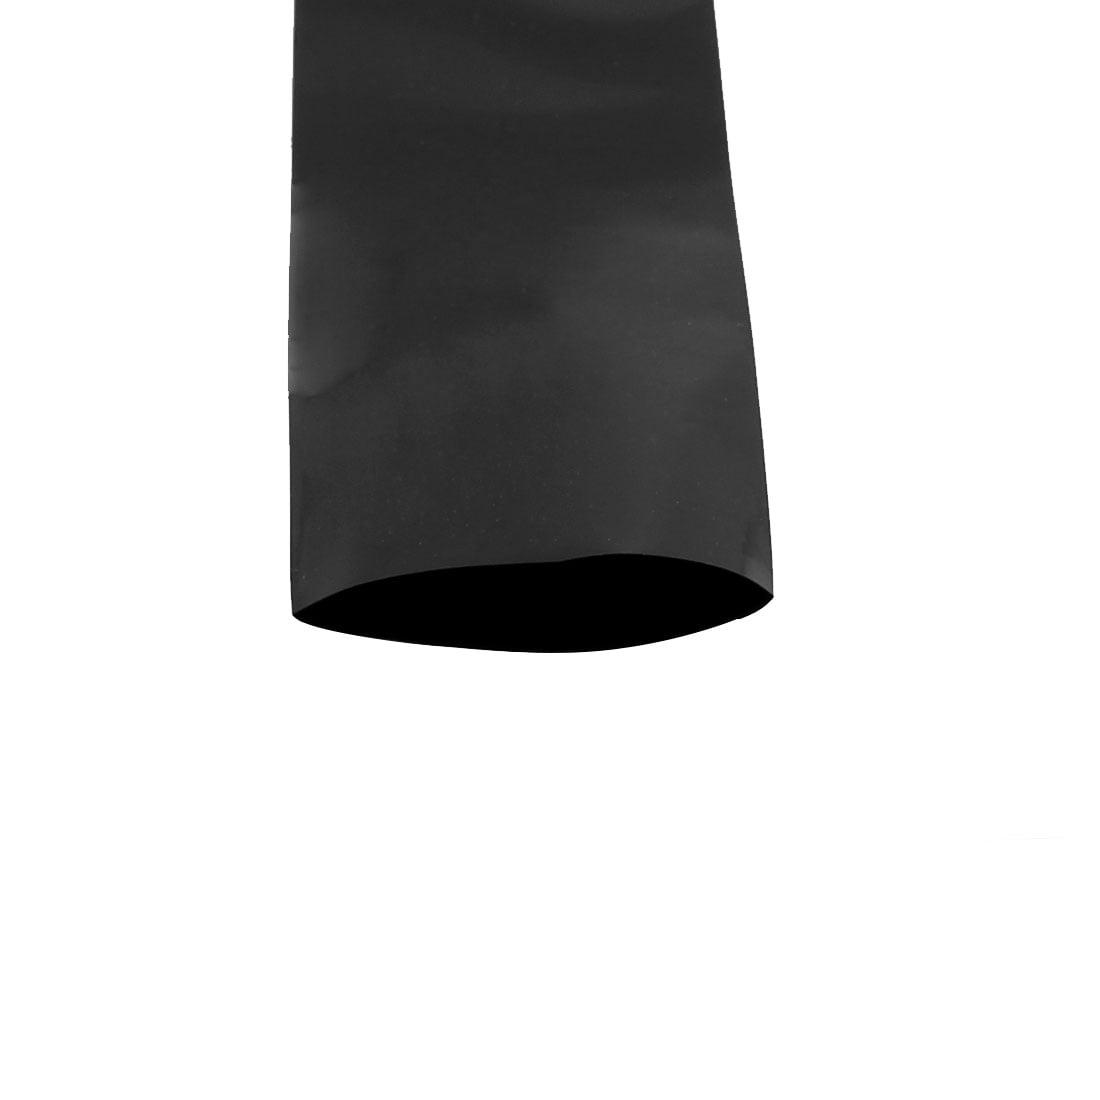 55mm Longueur 2.1 m Largeur Tube thermorétractable PVC noir pour 18650 Pack batterie - image 1 de 2